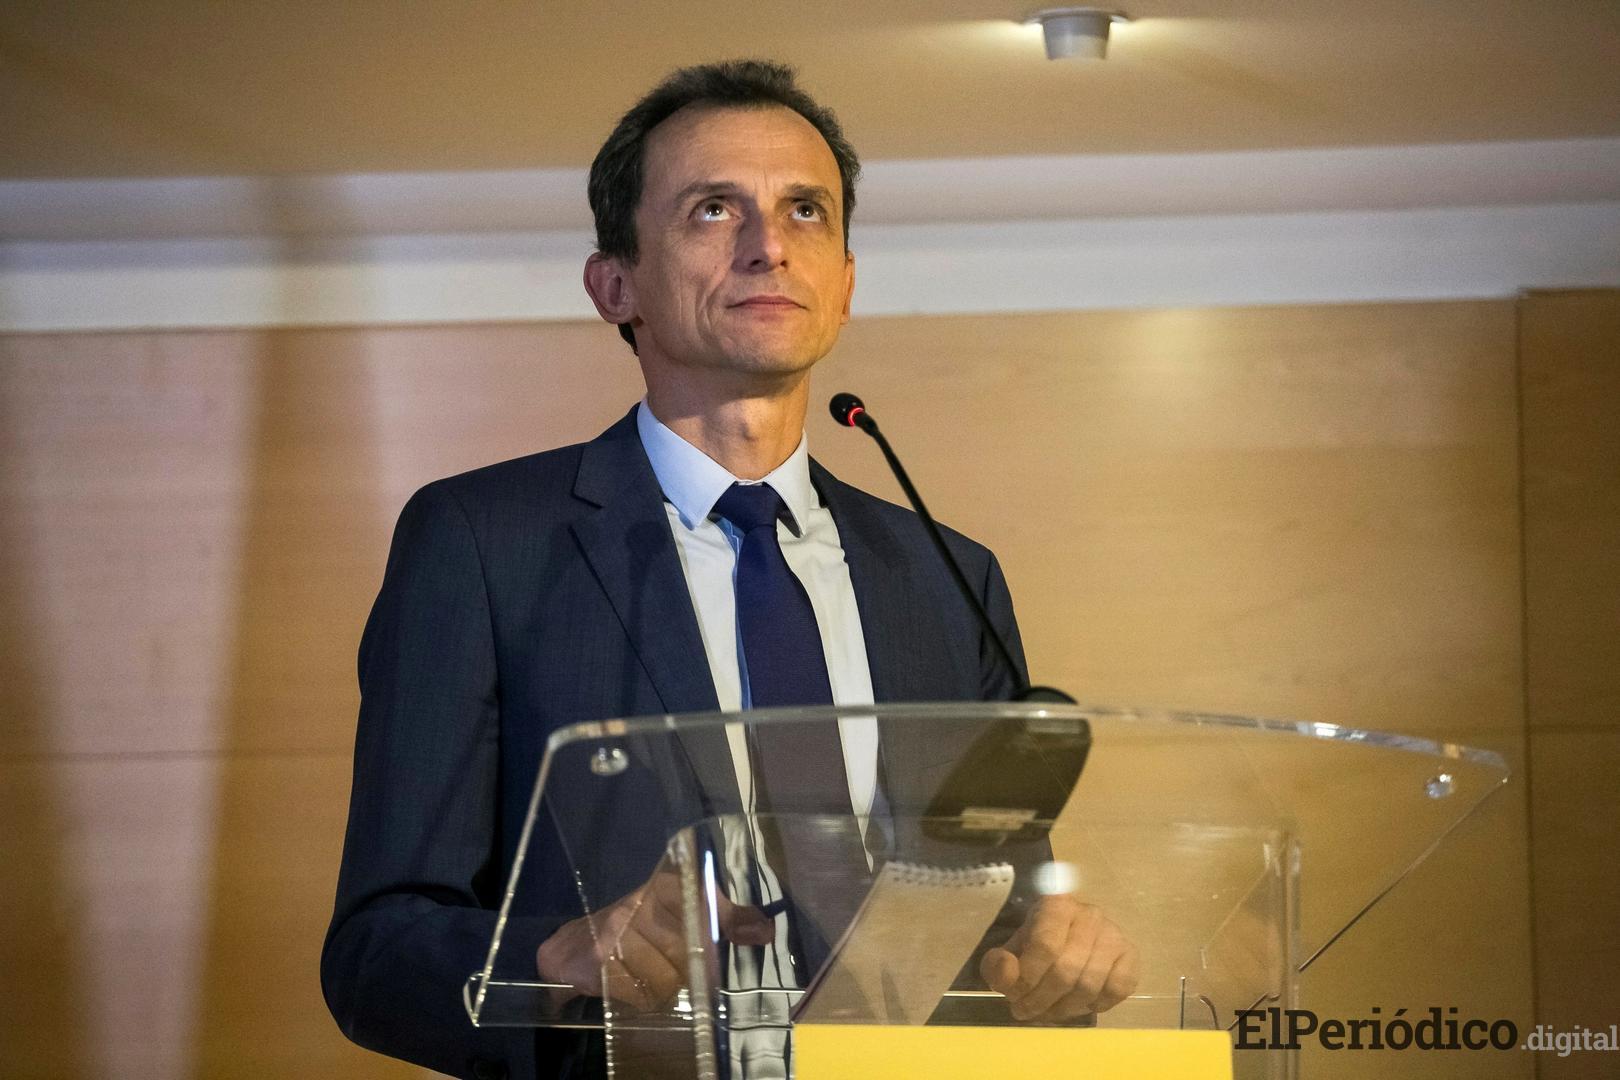 La Hacienda Nacional, dió a conocer que se aperturó una investigación sobre el Ministro de Ciencias, Innovación y Universidades de España, Pedro Duque.